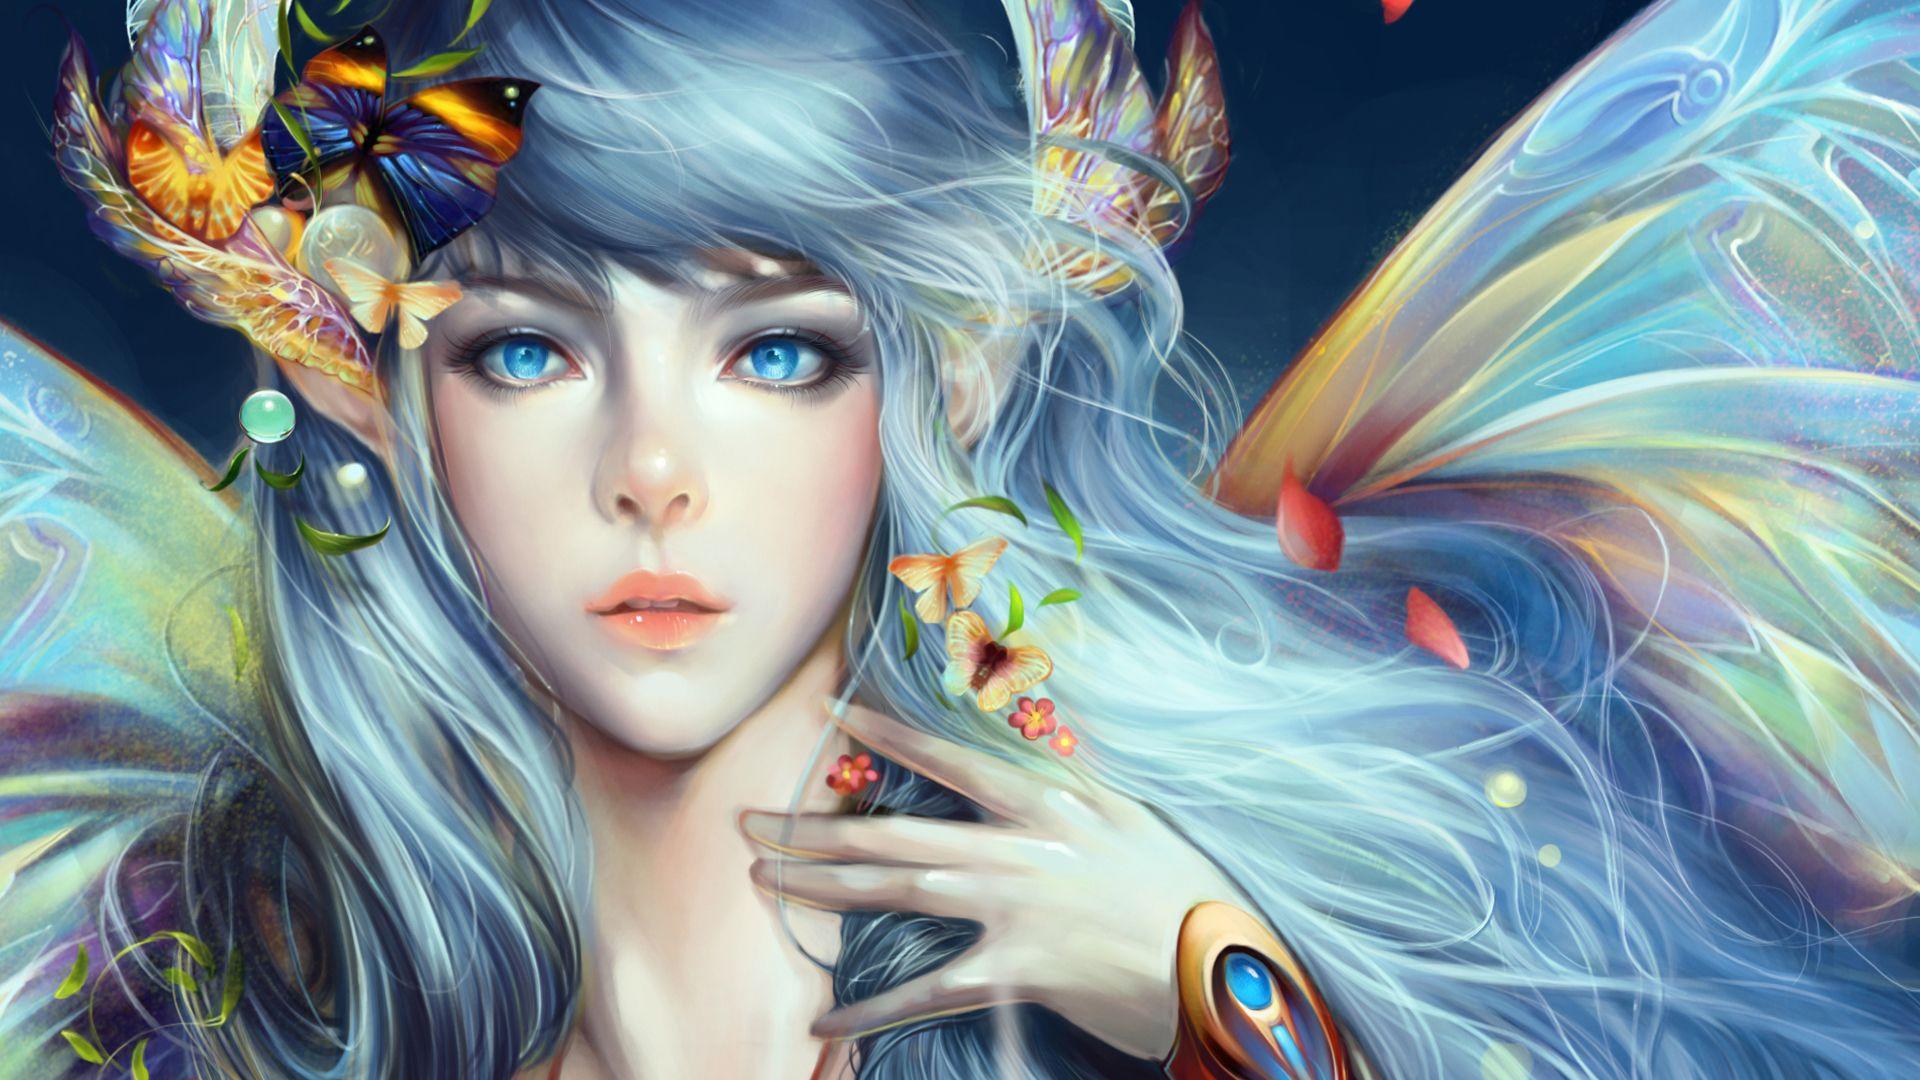 Art color hair - Fairy